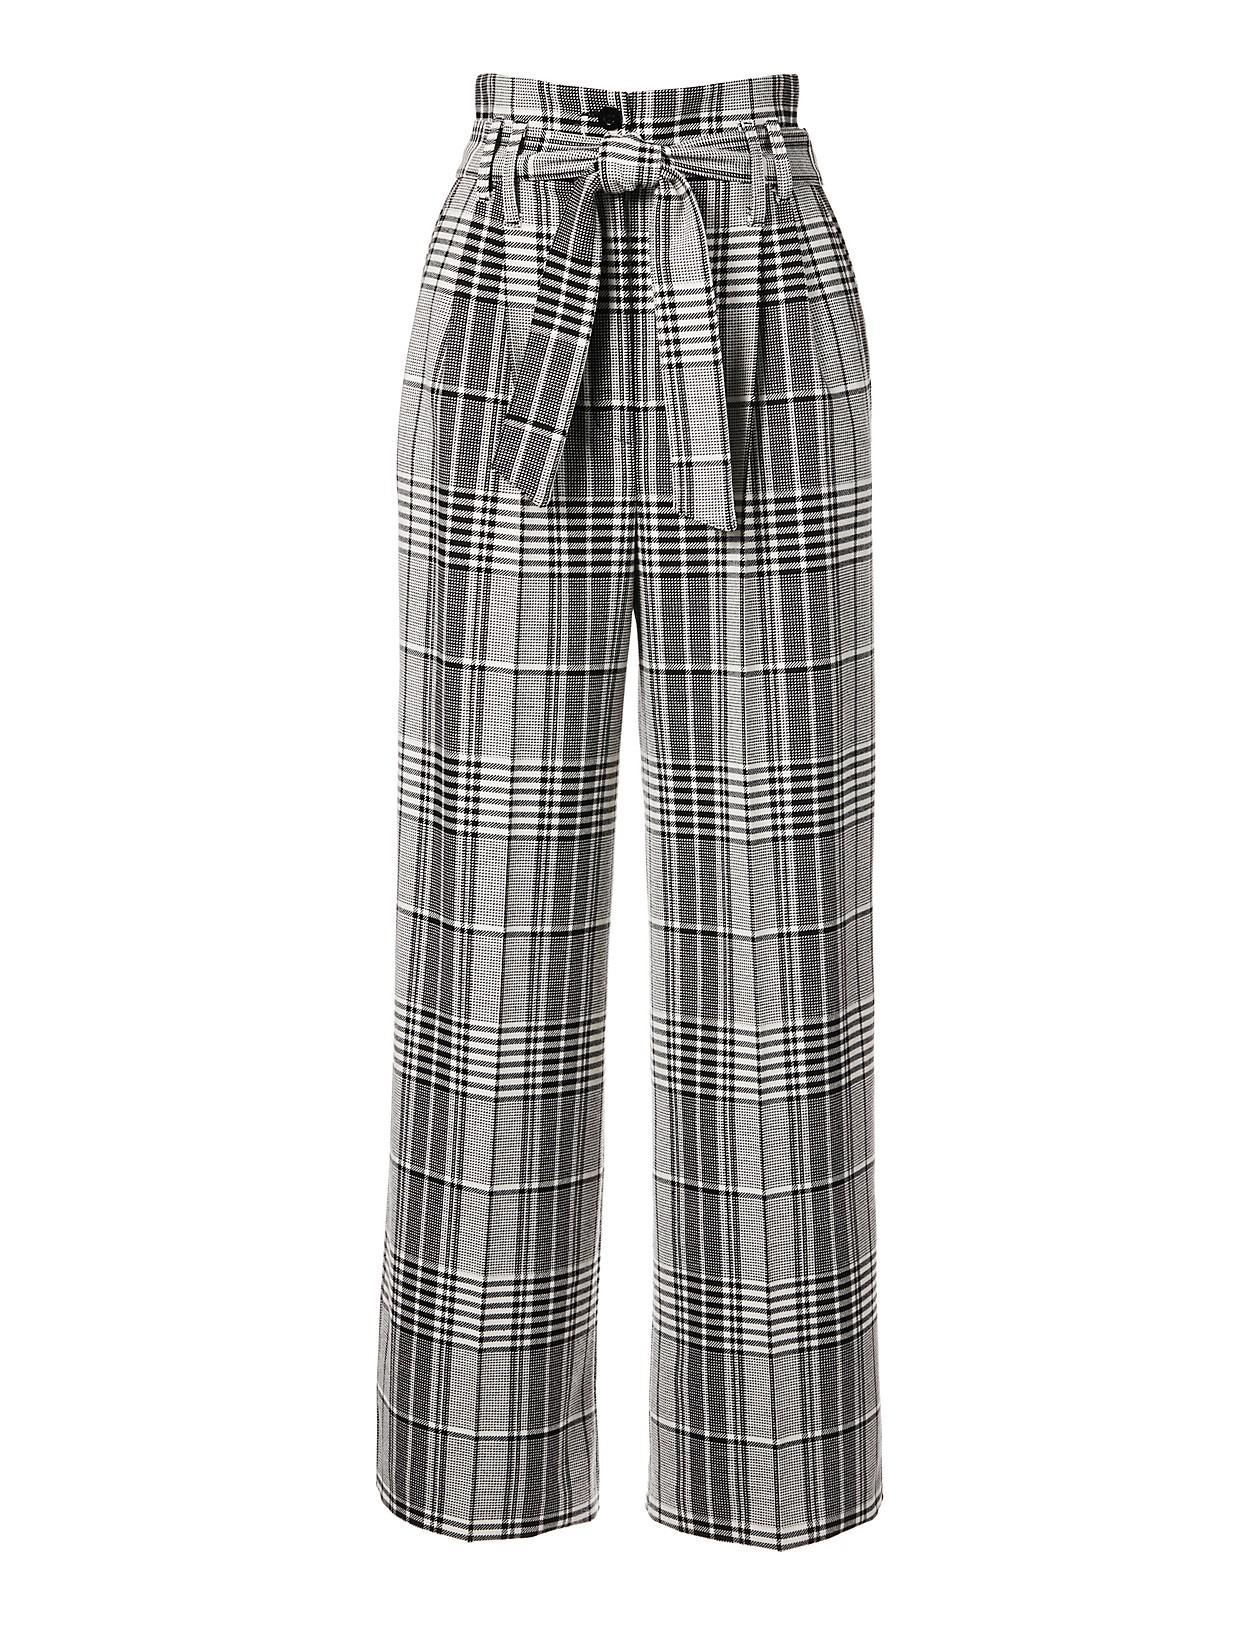 100% Qualitätsgarantie Bestbewertet authentisch große Auswahl Weite Karo-Hose mit Bund- und Bügelfalten, schwarz/weiß ...